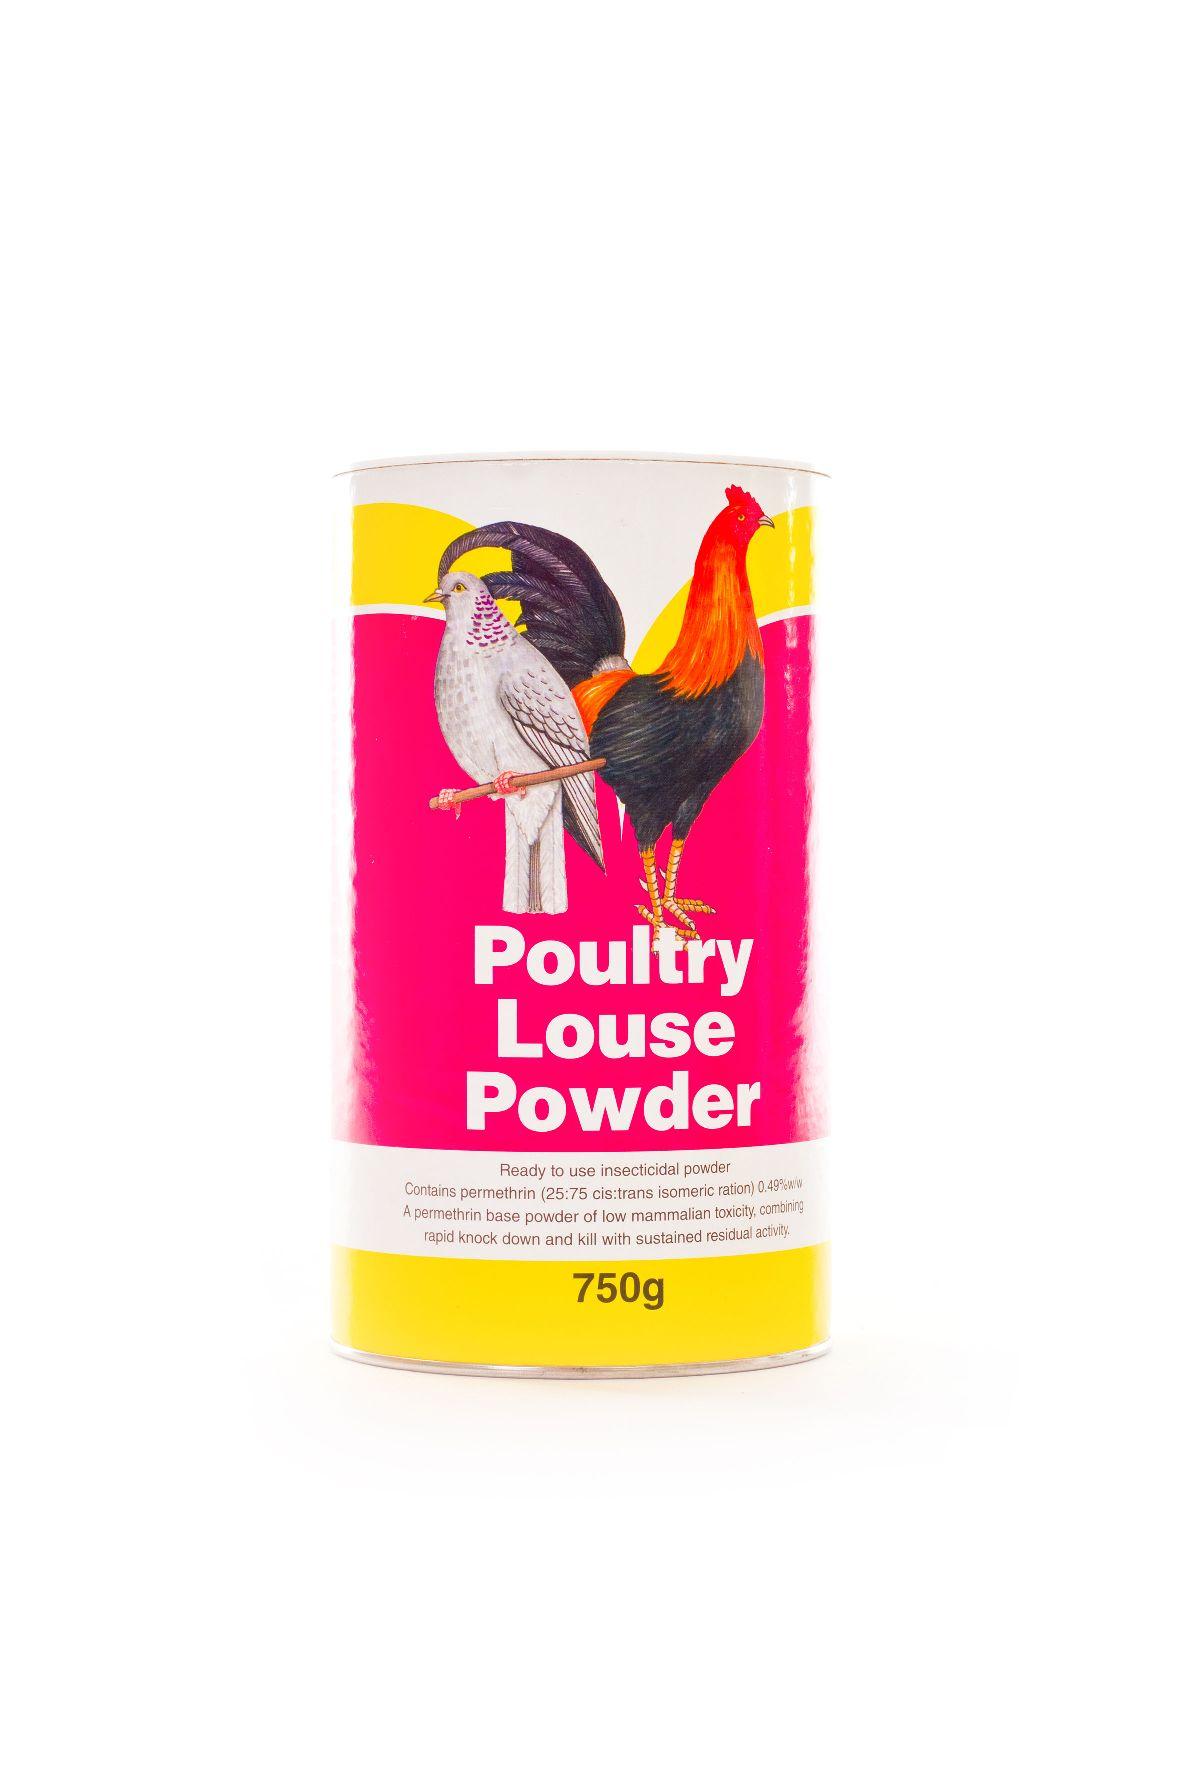 Battles Poultry Louse Powder